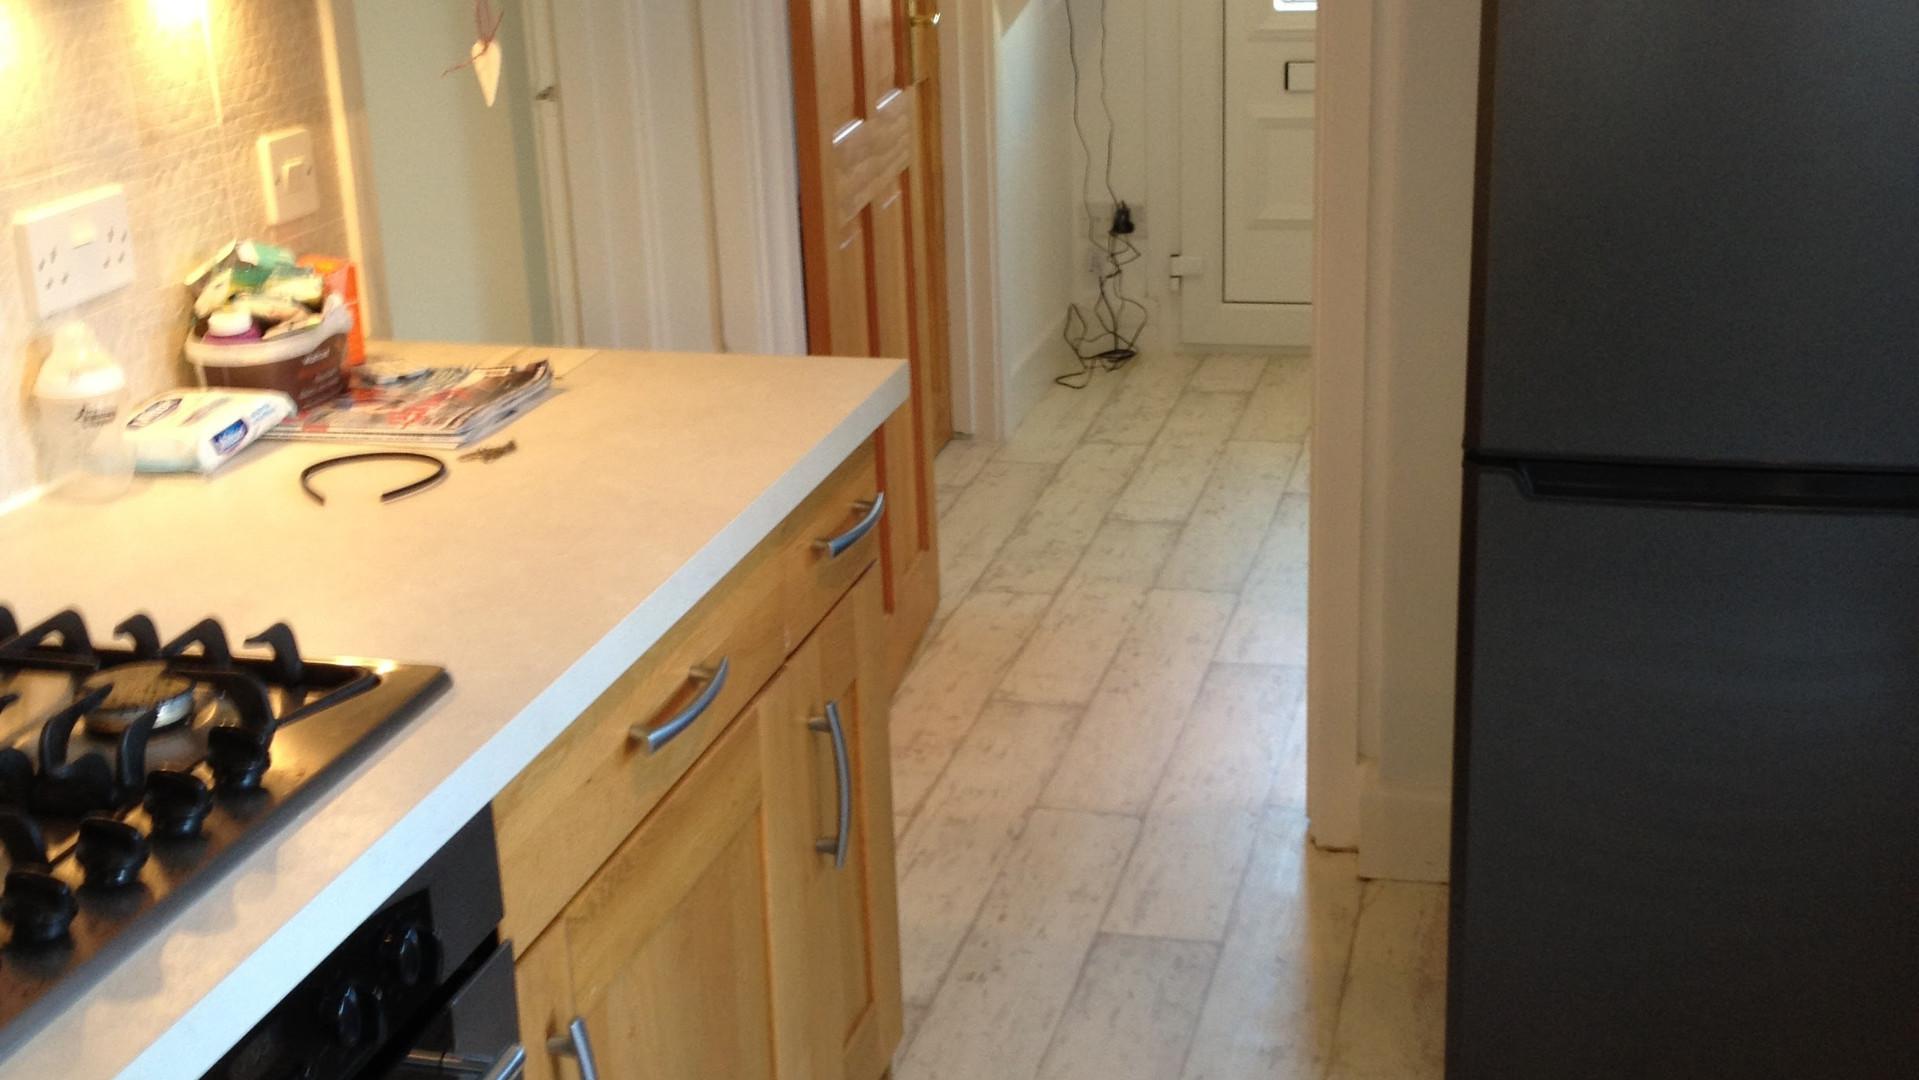 vinyl flooring in kitchen.JPG